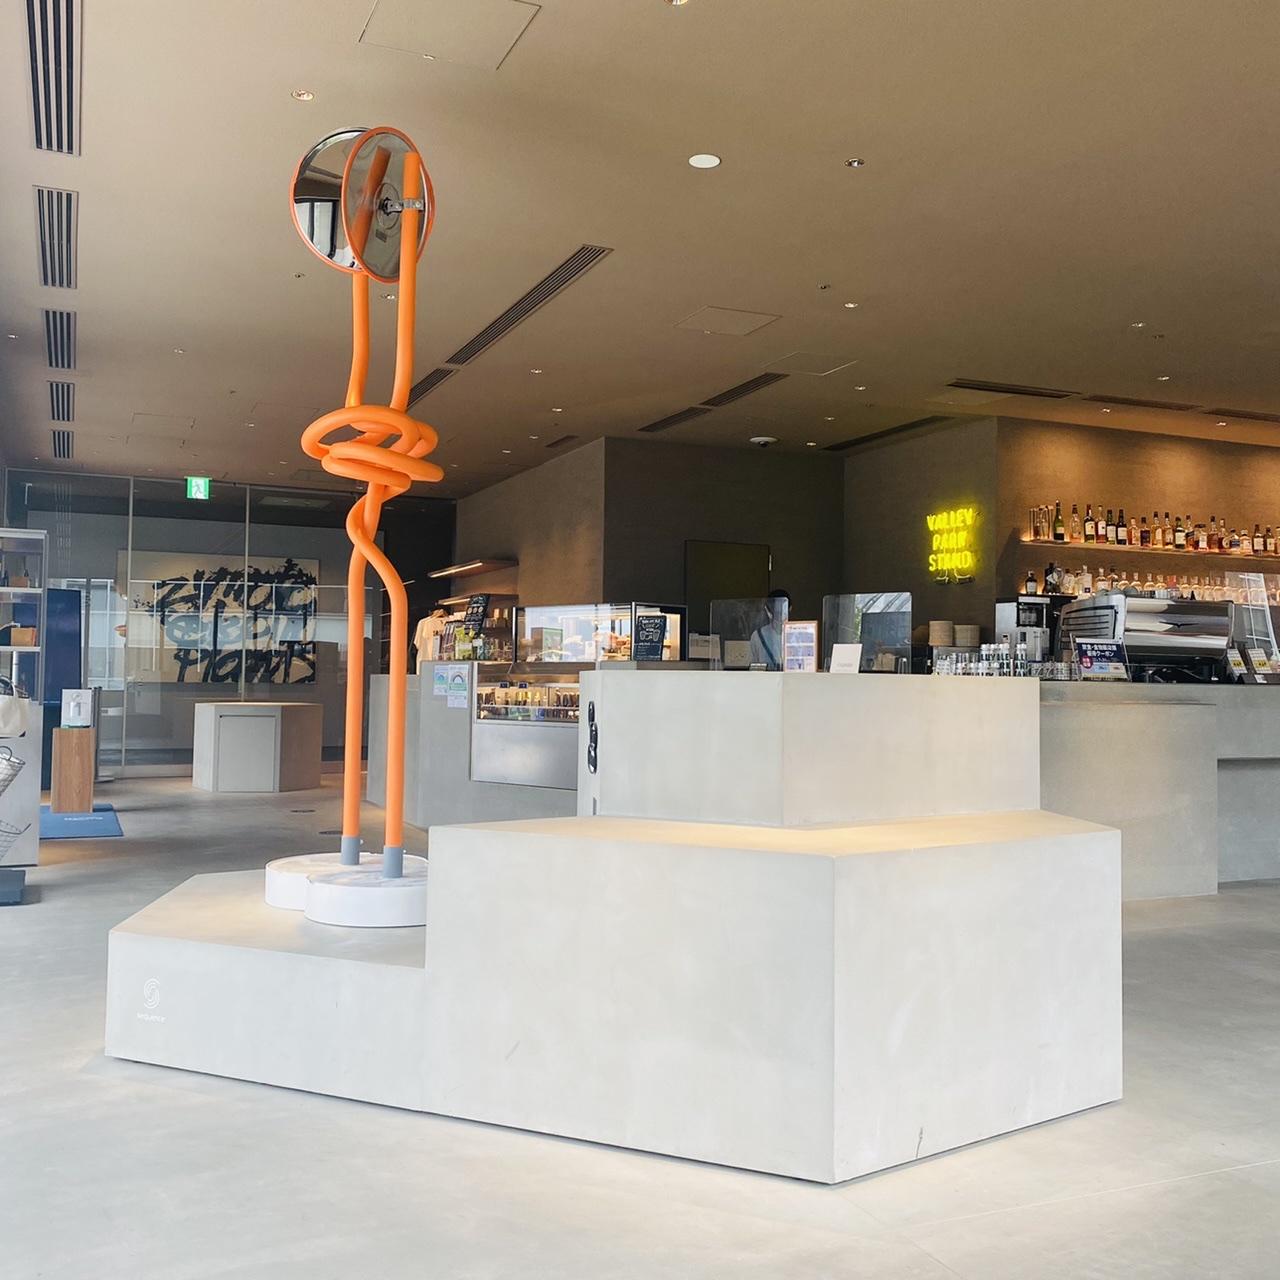 【渋谷カフェ】ホテルと公園を結ぶお洒落カフェ★《VALLEY PARK STAND》へ!_2